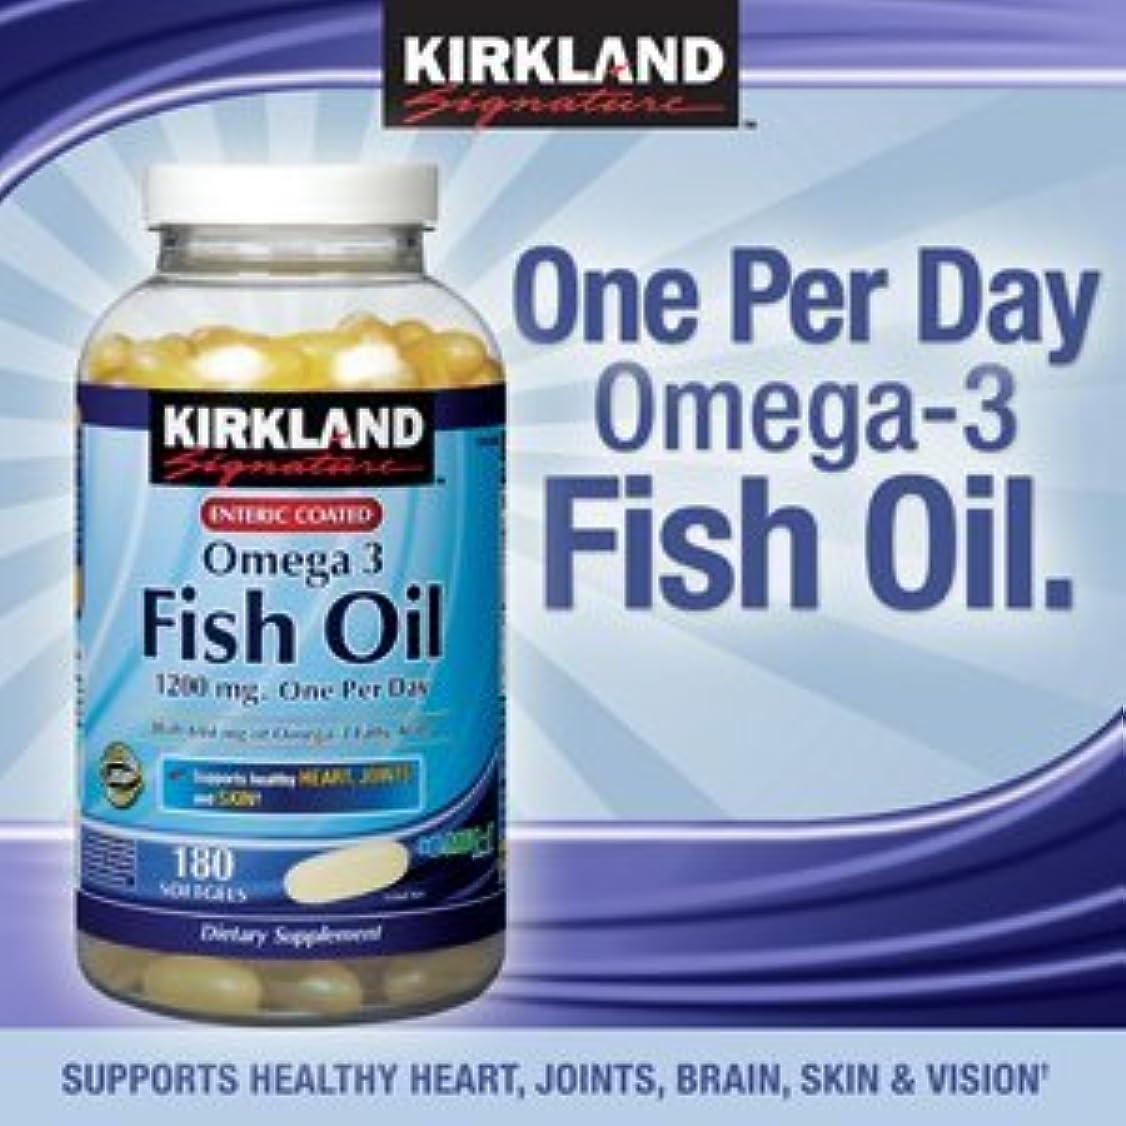 擬人化つま先計画カークランド フィッシュオイル オメガ3 コンセントレイト 1200 mg 180ソフトカプセル 海外直送品